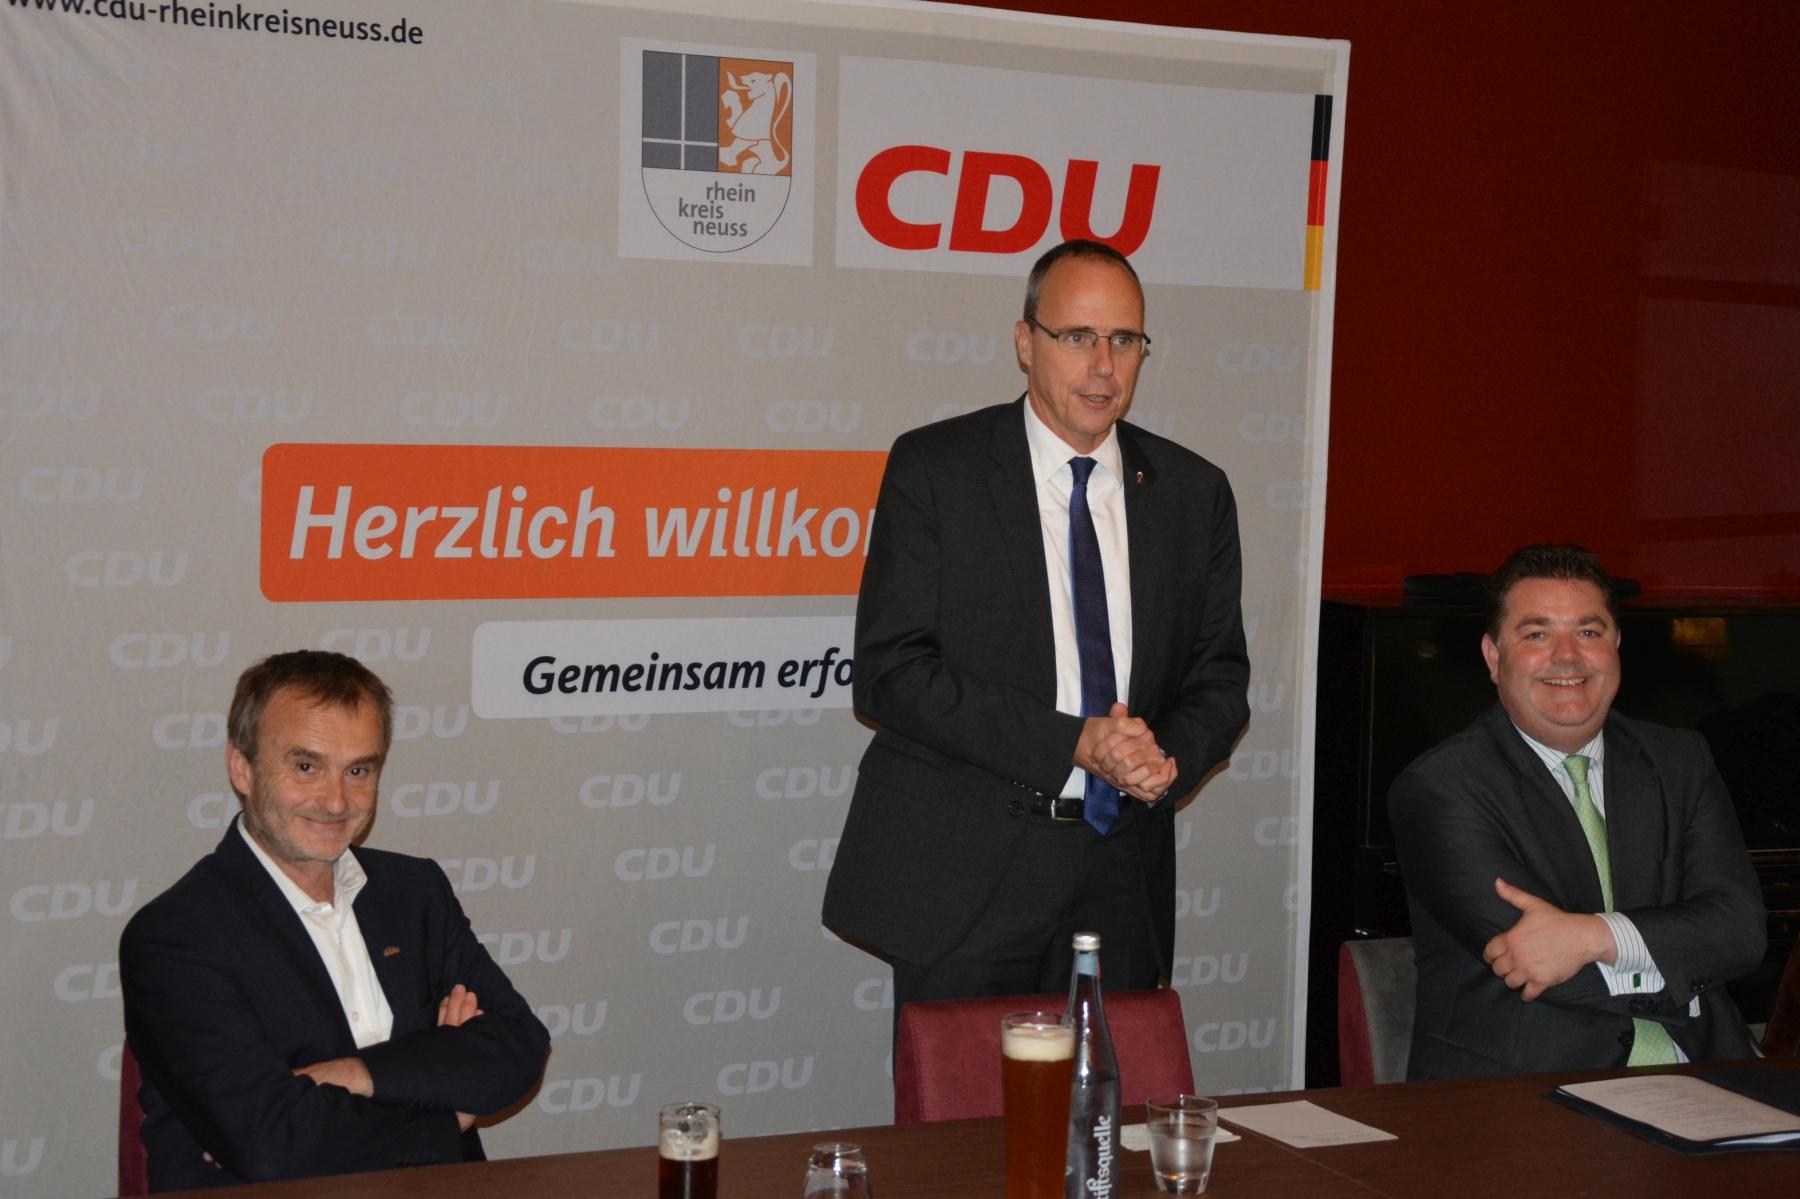 Hessischer Innenminister zu Besuch in Meerbusch Osterath